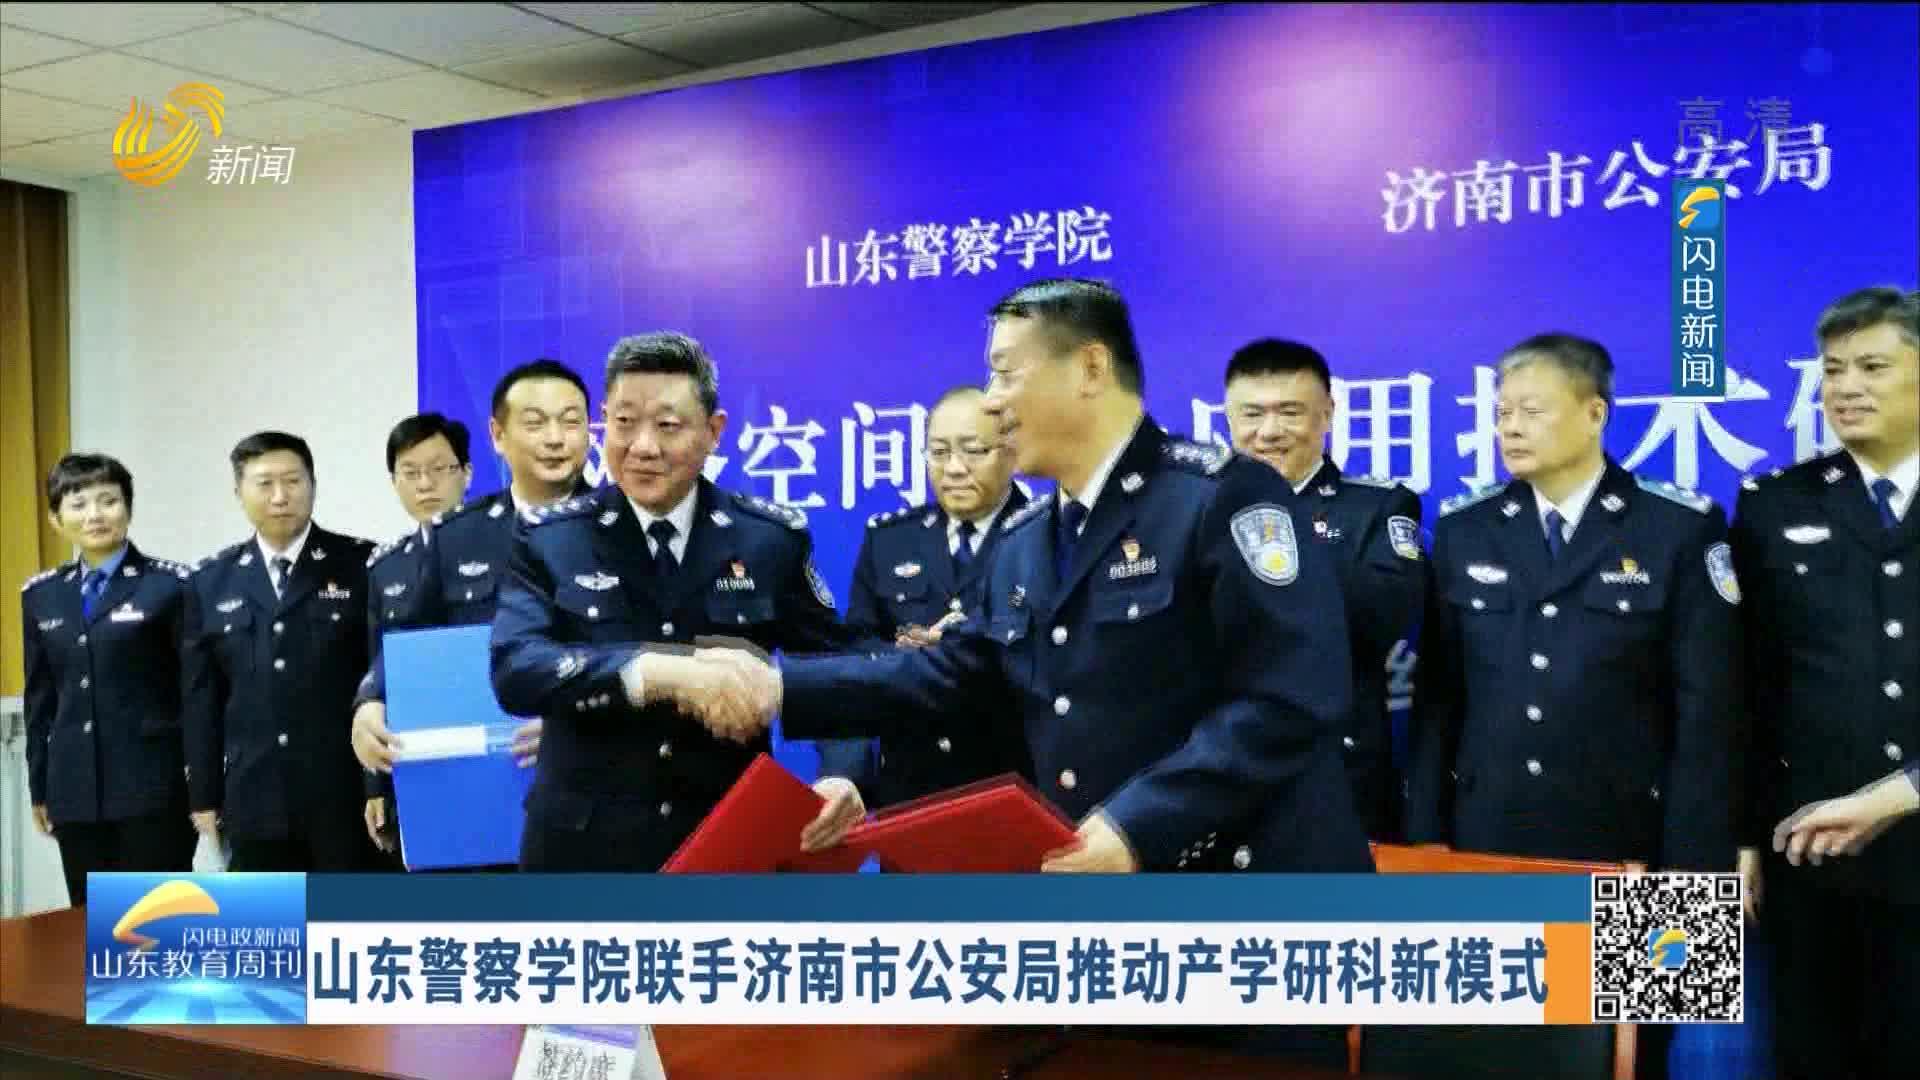 山东警察学院联手济南市公安局鞭策产学研科新模式